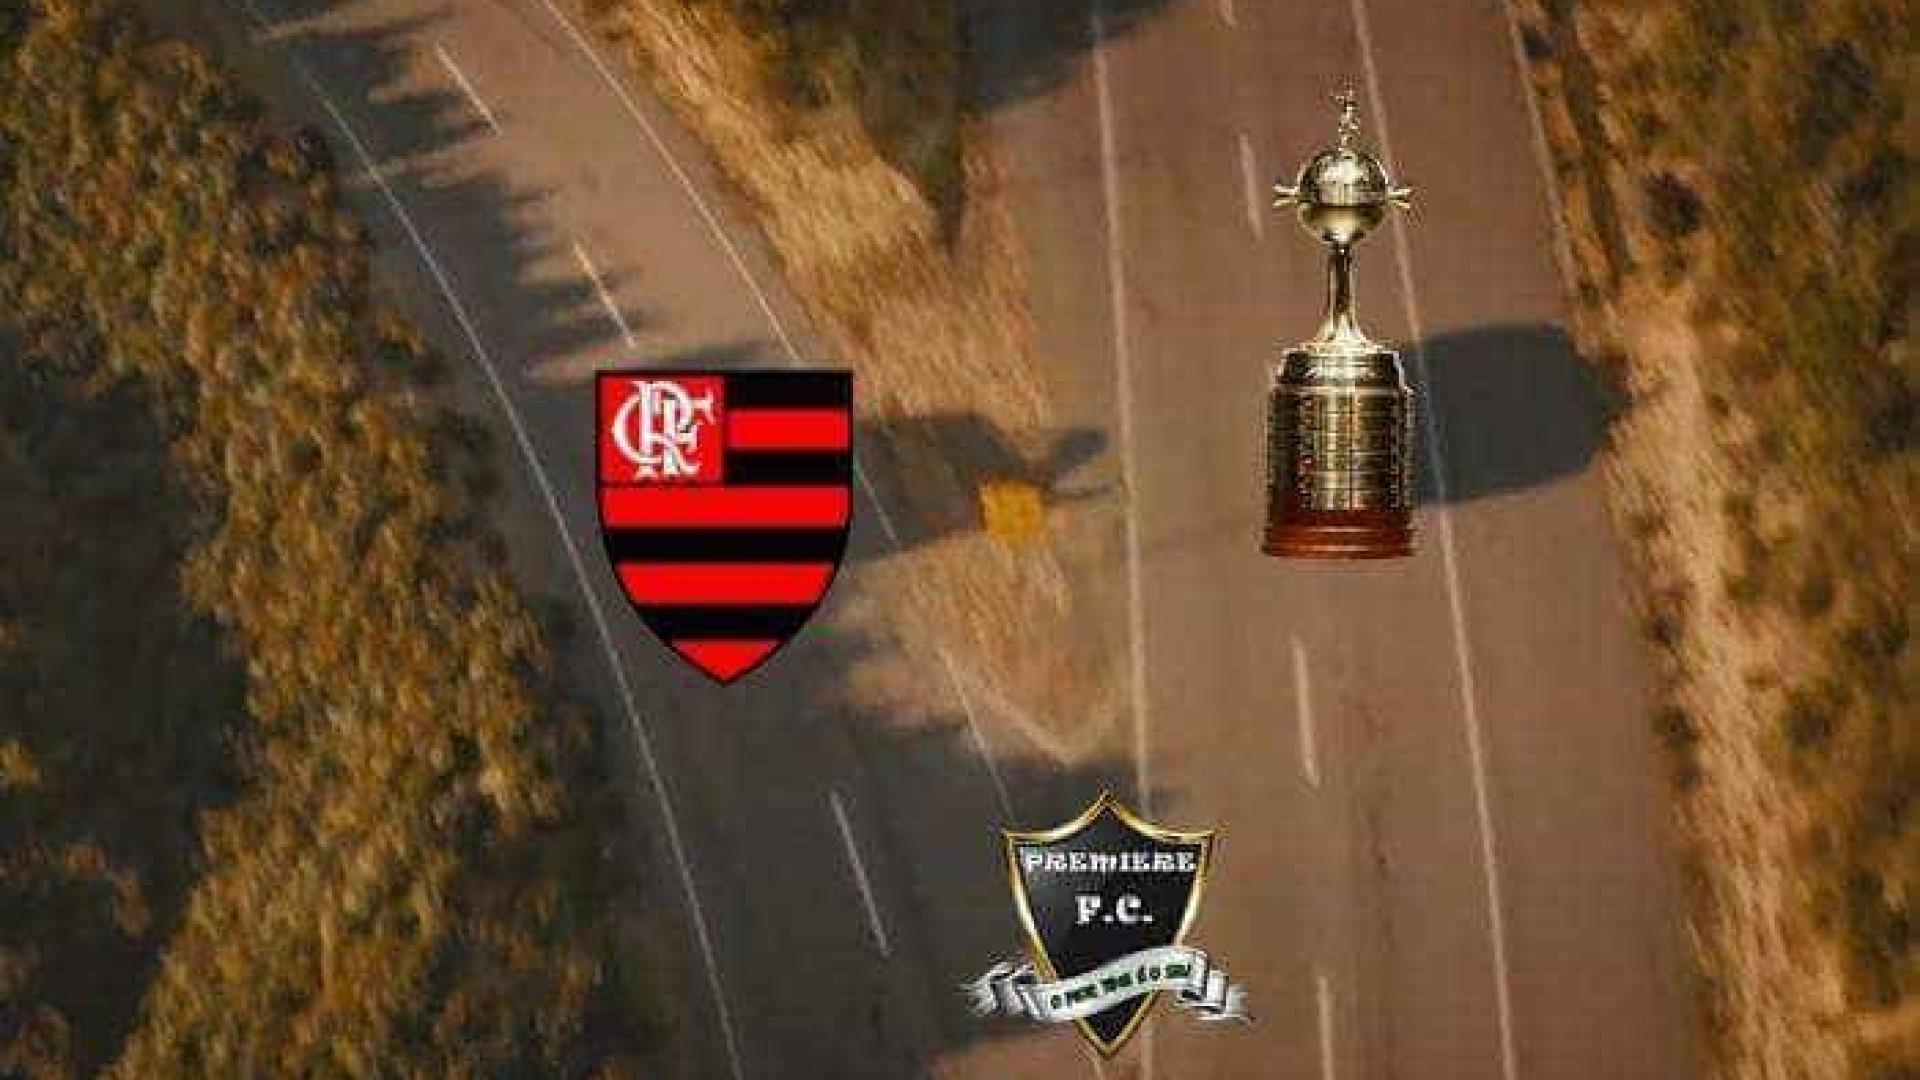 Flamengo vira chacota na web após eliminação na Liberta; veja o memes